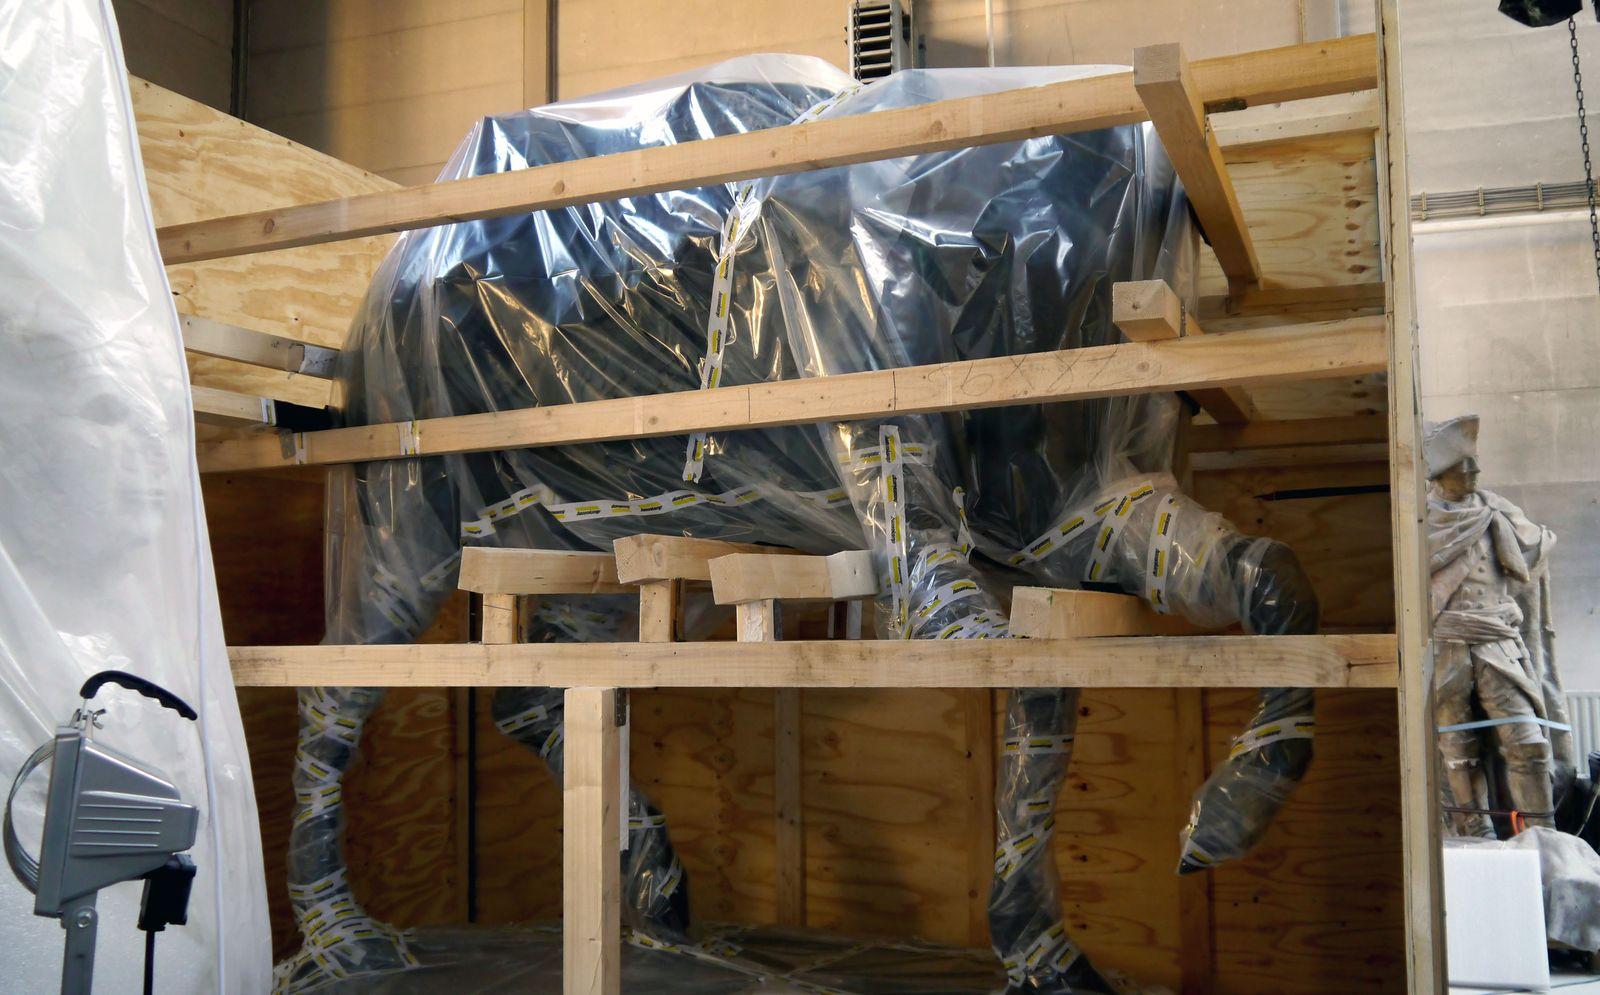 Der Rumpf des Pferdes in der Holzkiste © Staatliche Museen zu Berlin, Gipsformerei / Anna Mosig